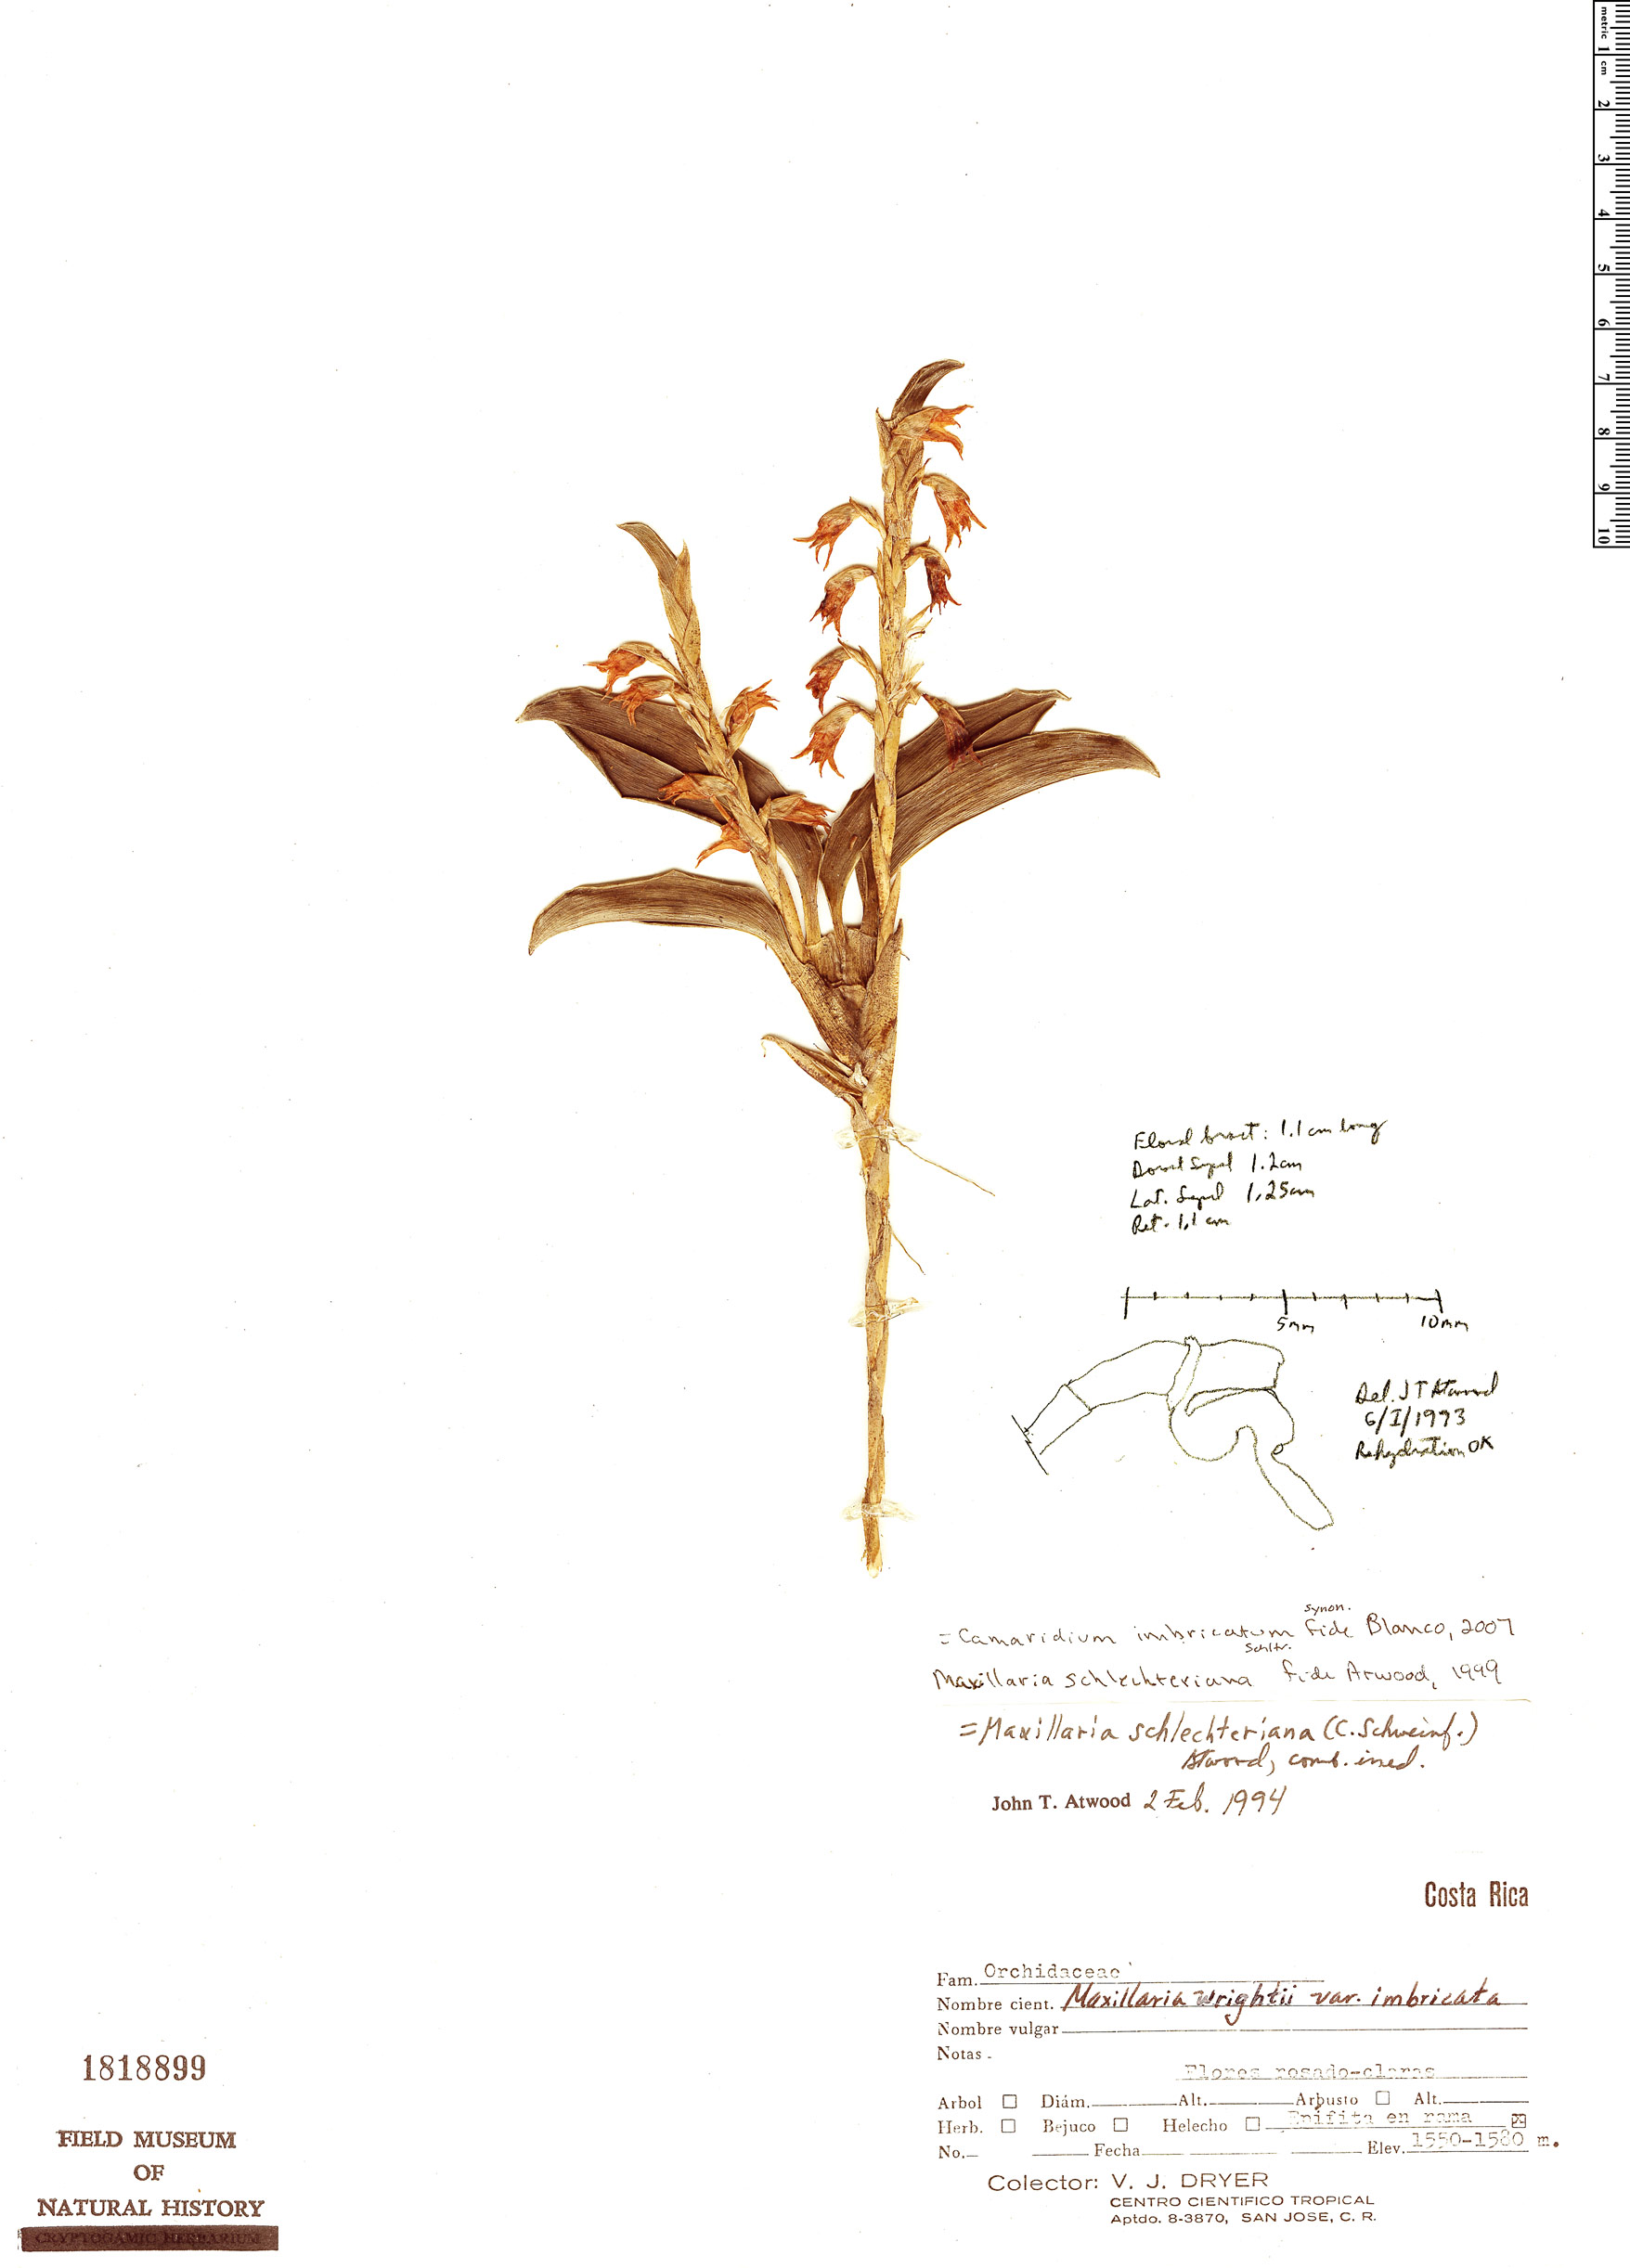 Espécimen: Maxillaria schlechteriana